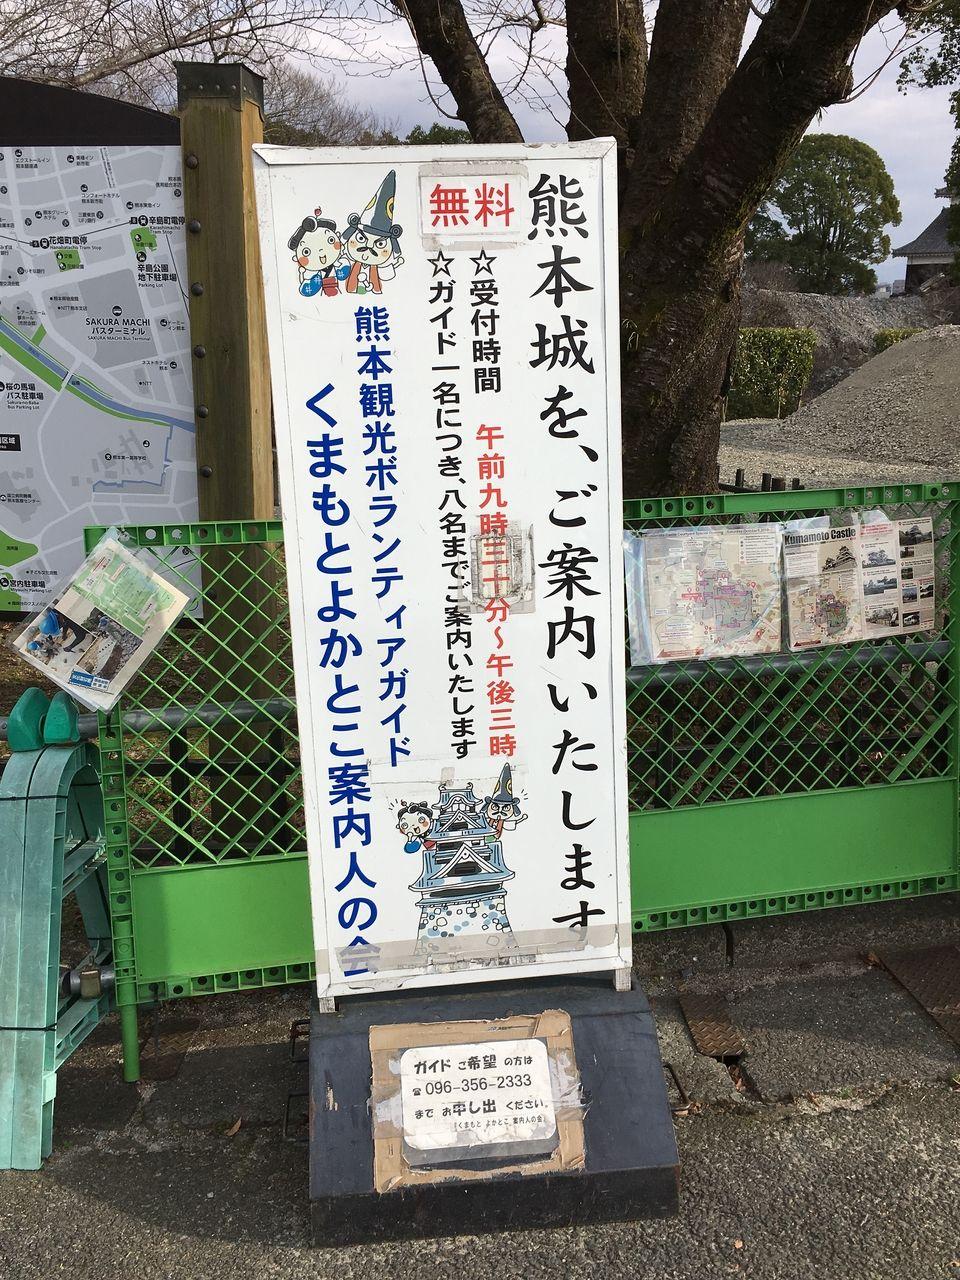 熊本観光ボランティアガイド くまもとよかとこ案内人の会の案内板